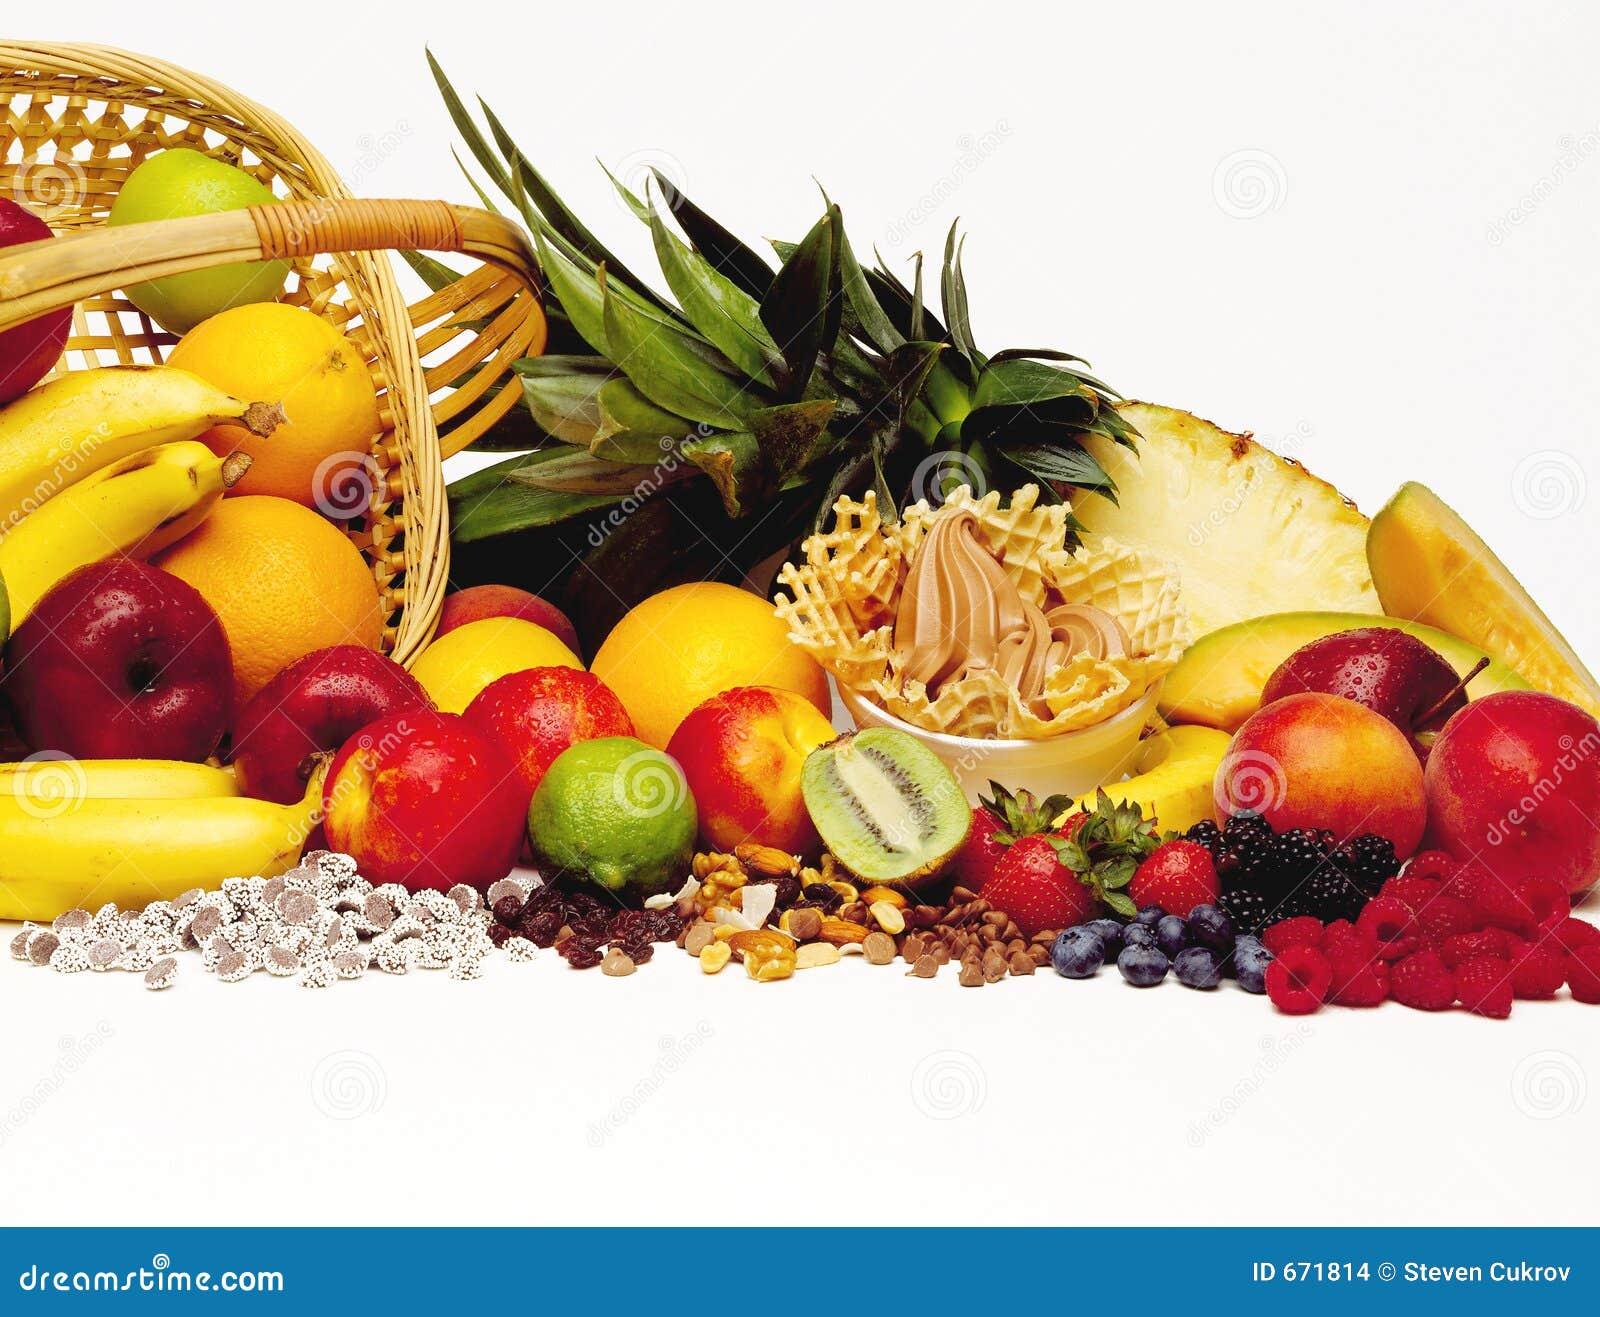 frozen yogurt with fruit stock photo image of strawberry 671814